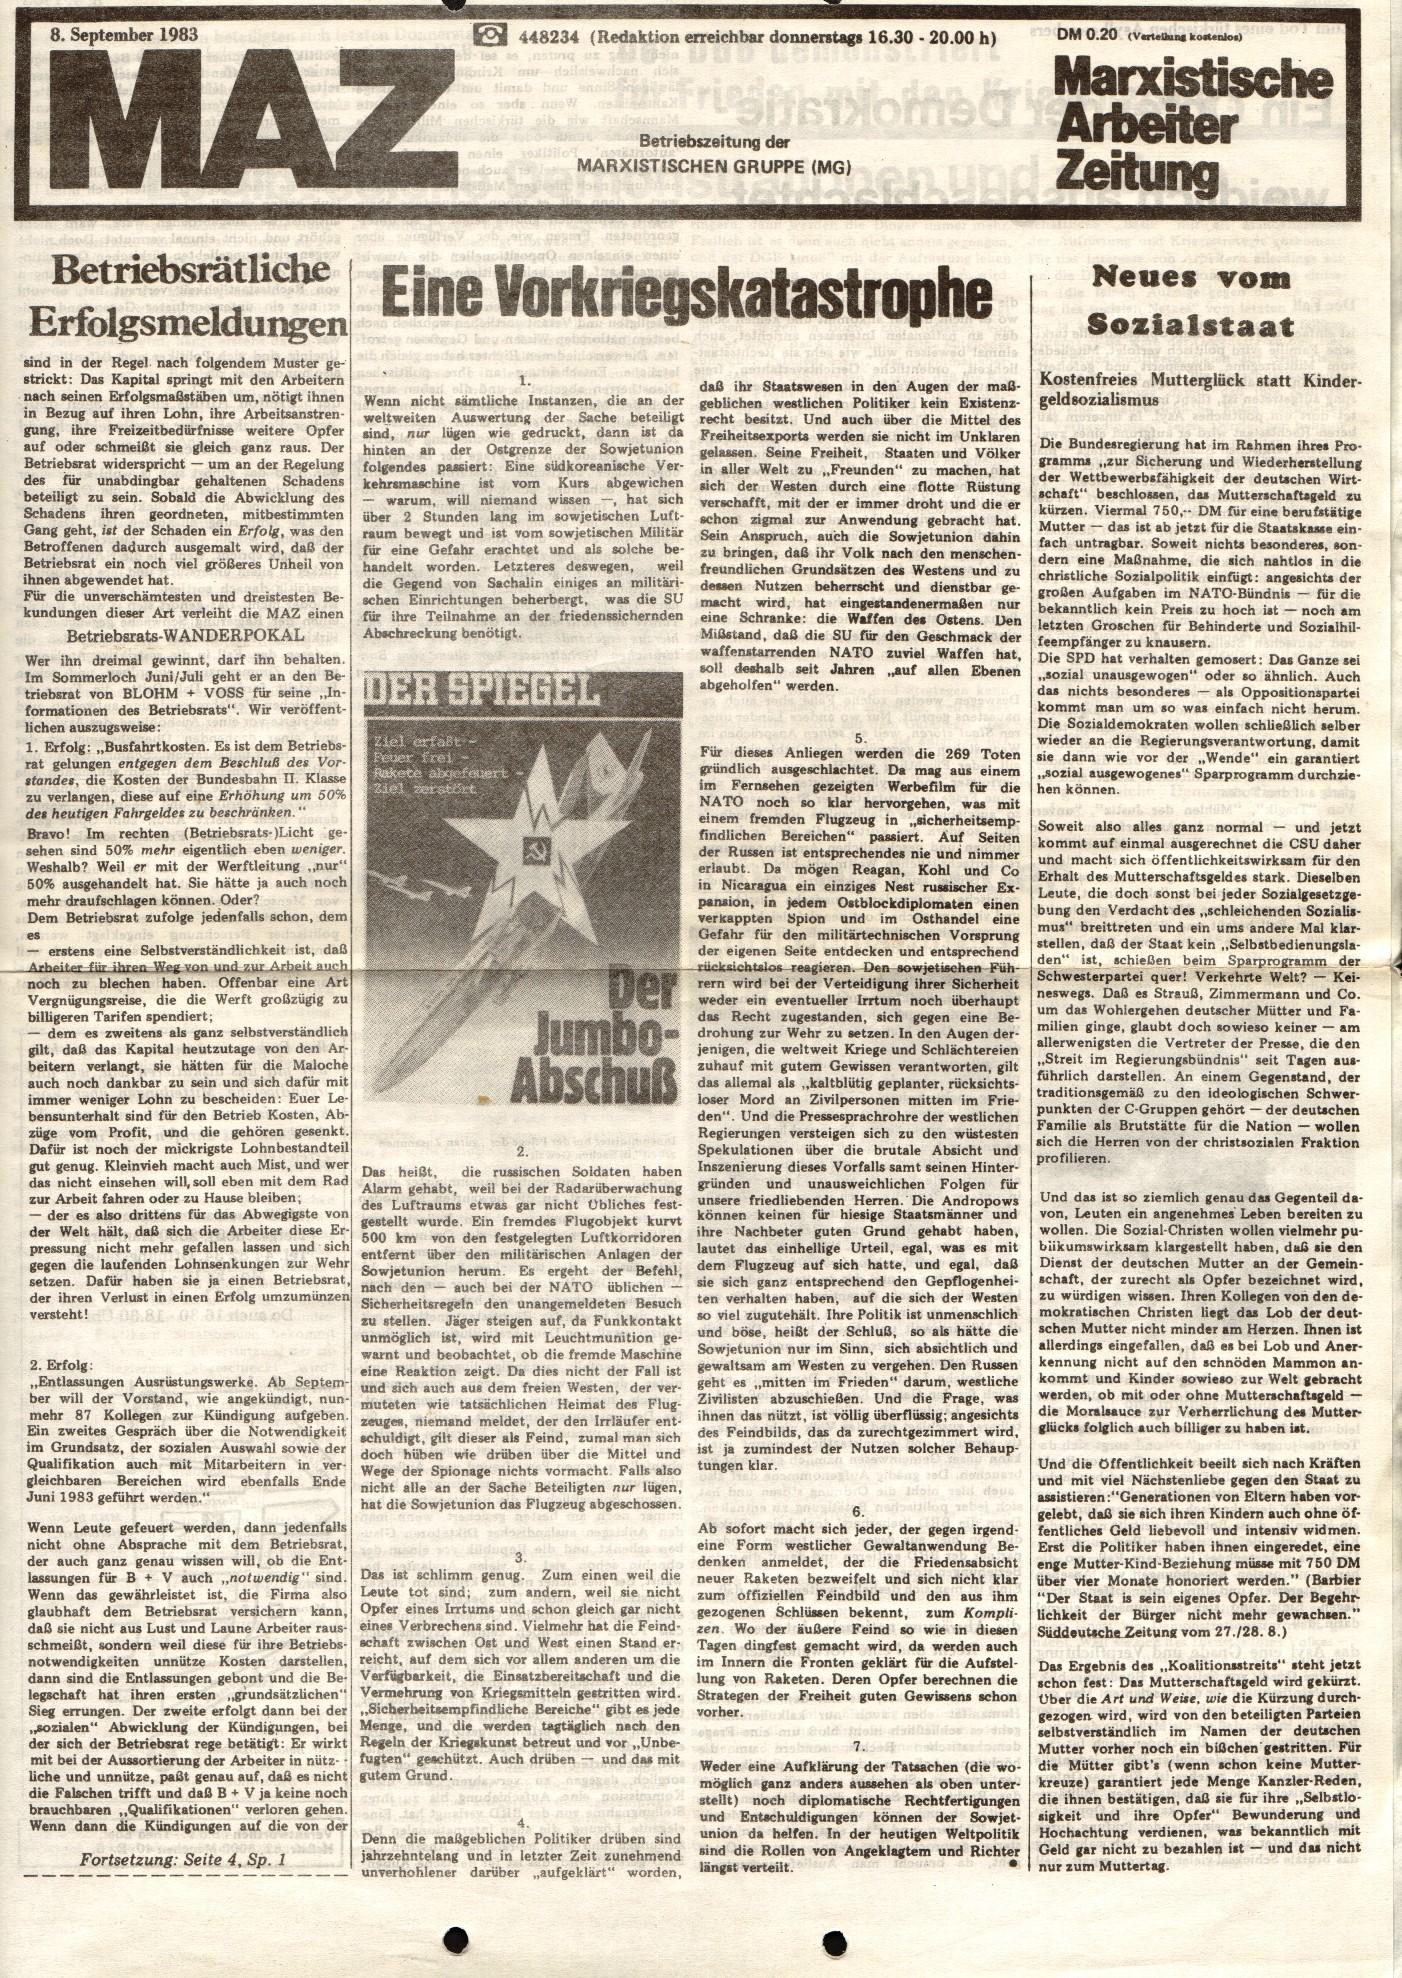 Hamburg_MG_MAZ_19830908_01